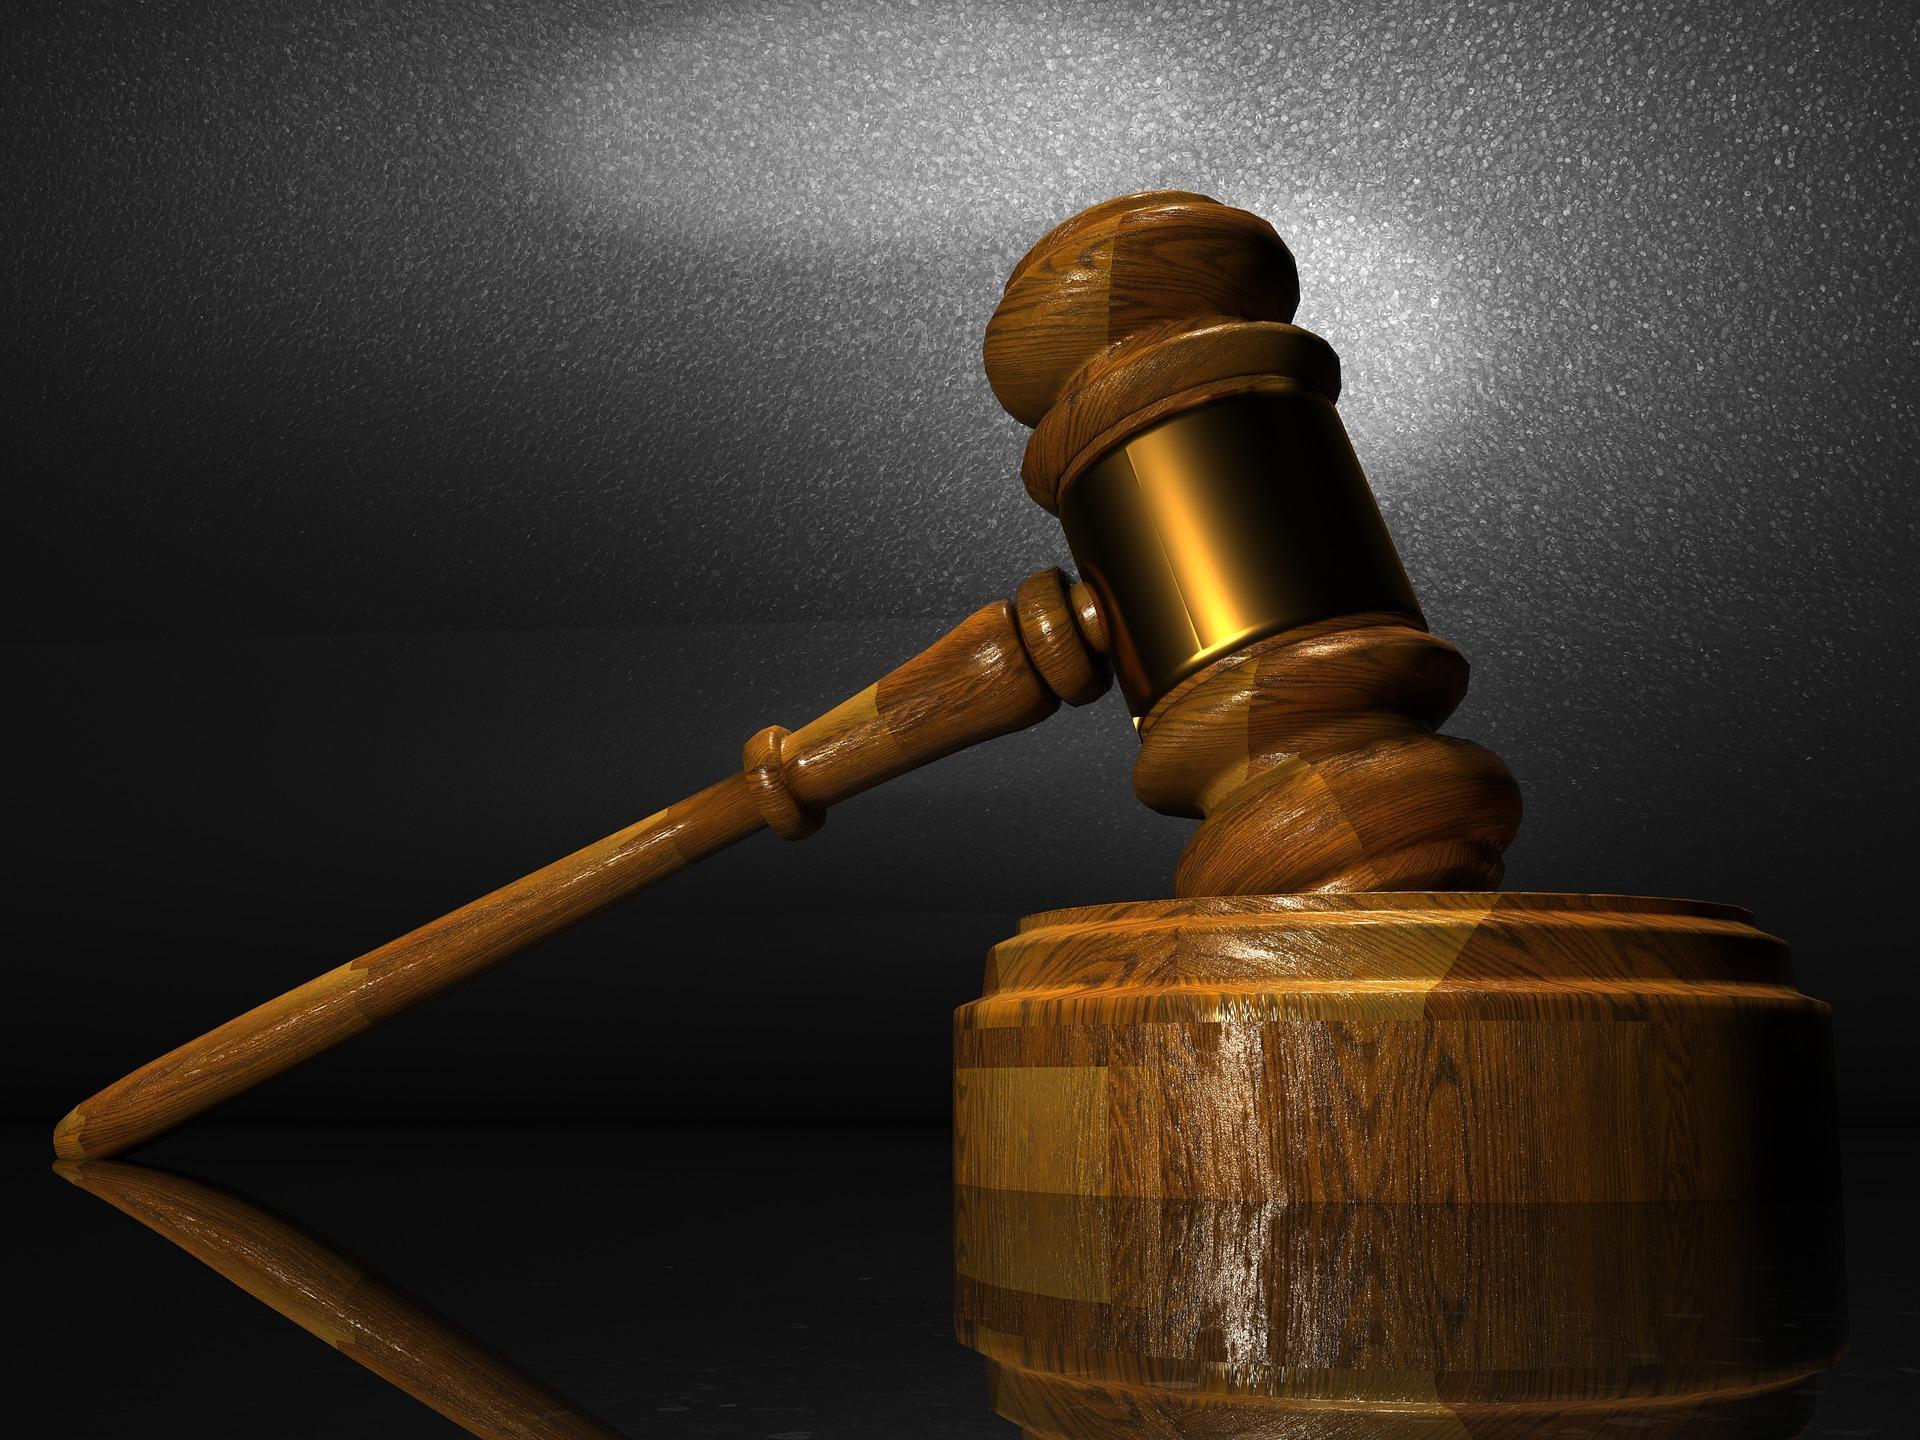 Negen maanden celstraf voor schieten op straat in Zwaag